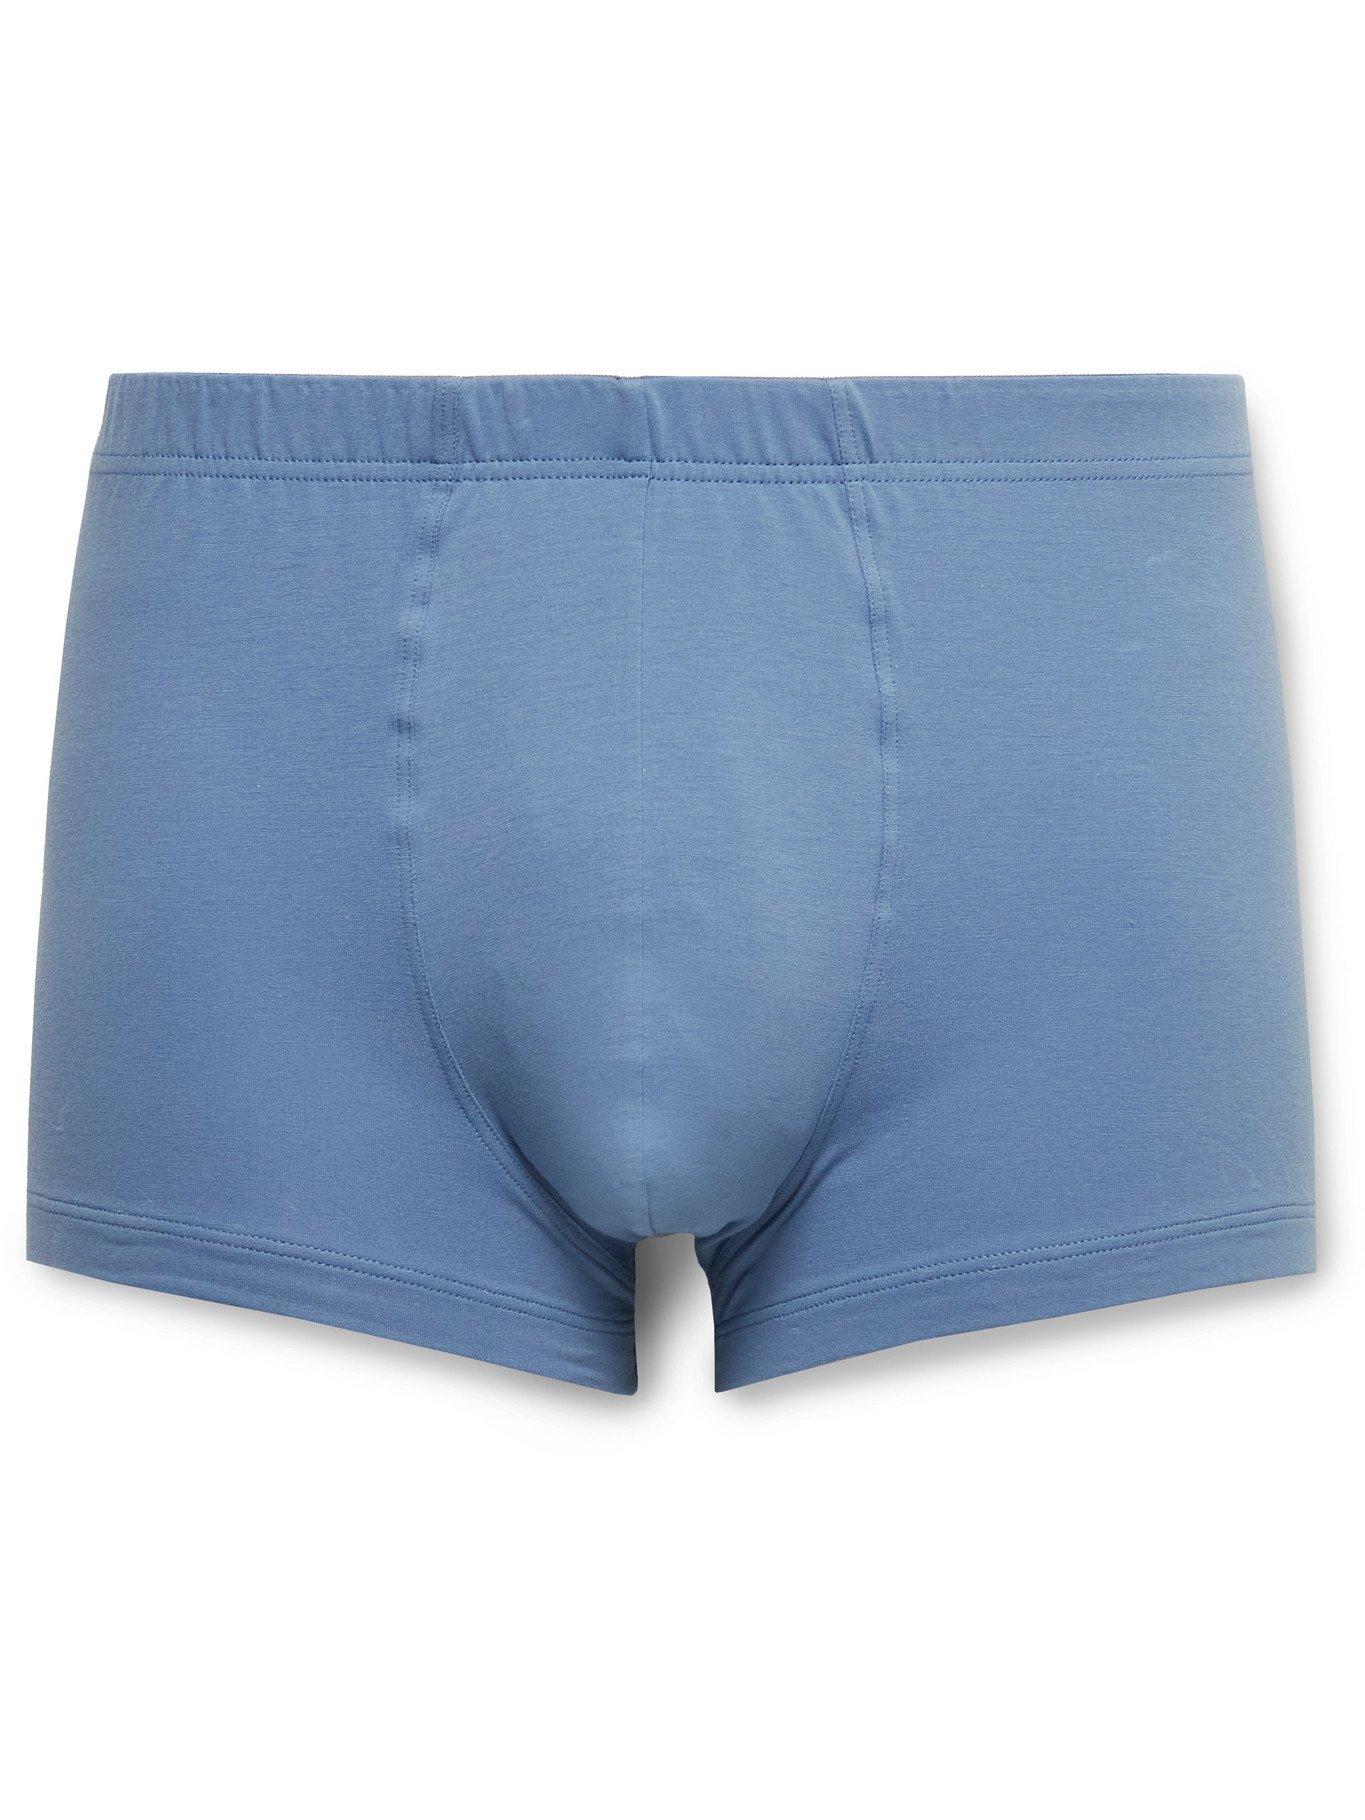 Hanro - Superior Stretch-Cotton Boxer Briefs - Blue - S